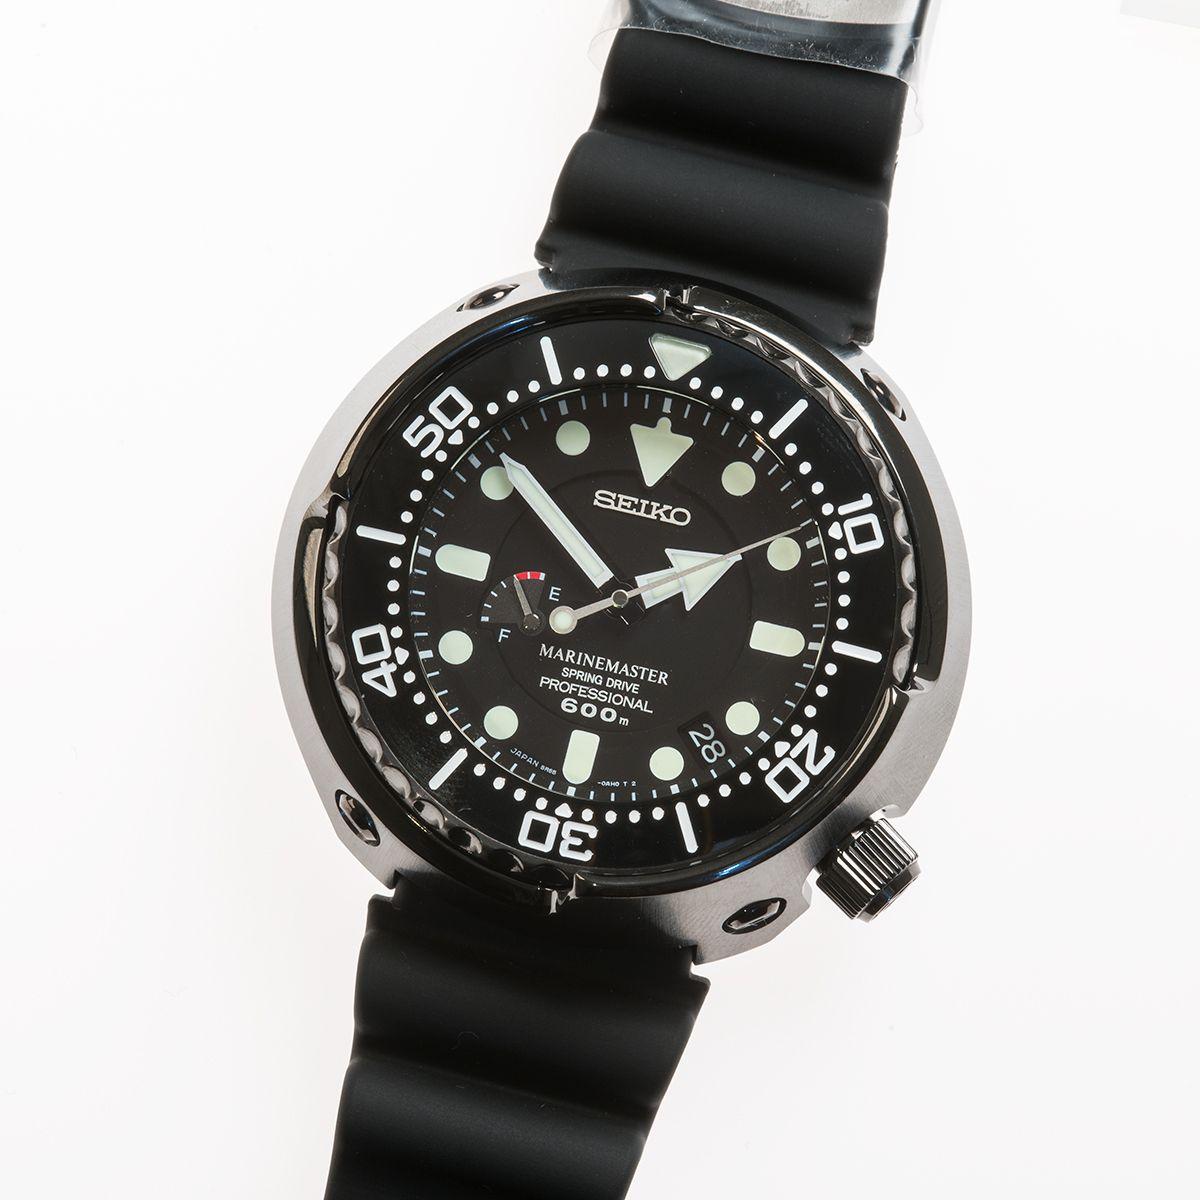 Seiko Timepieces Styles Available in Jack Ryan Showroom: www.jackryanjewelry.com sales@jackryanjewelry.com